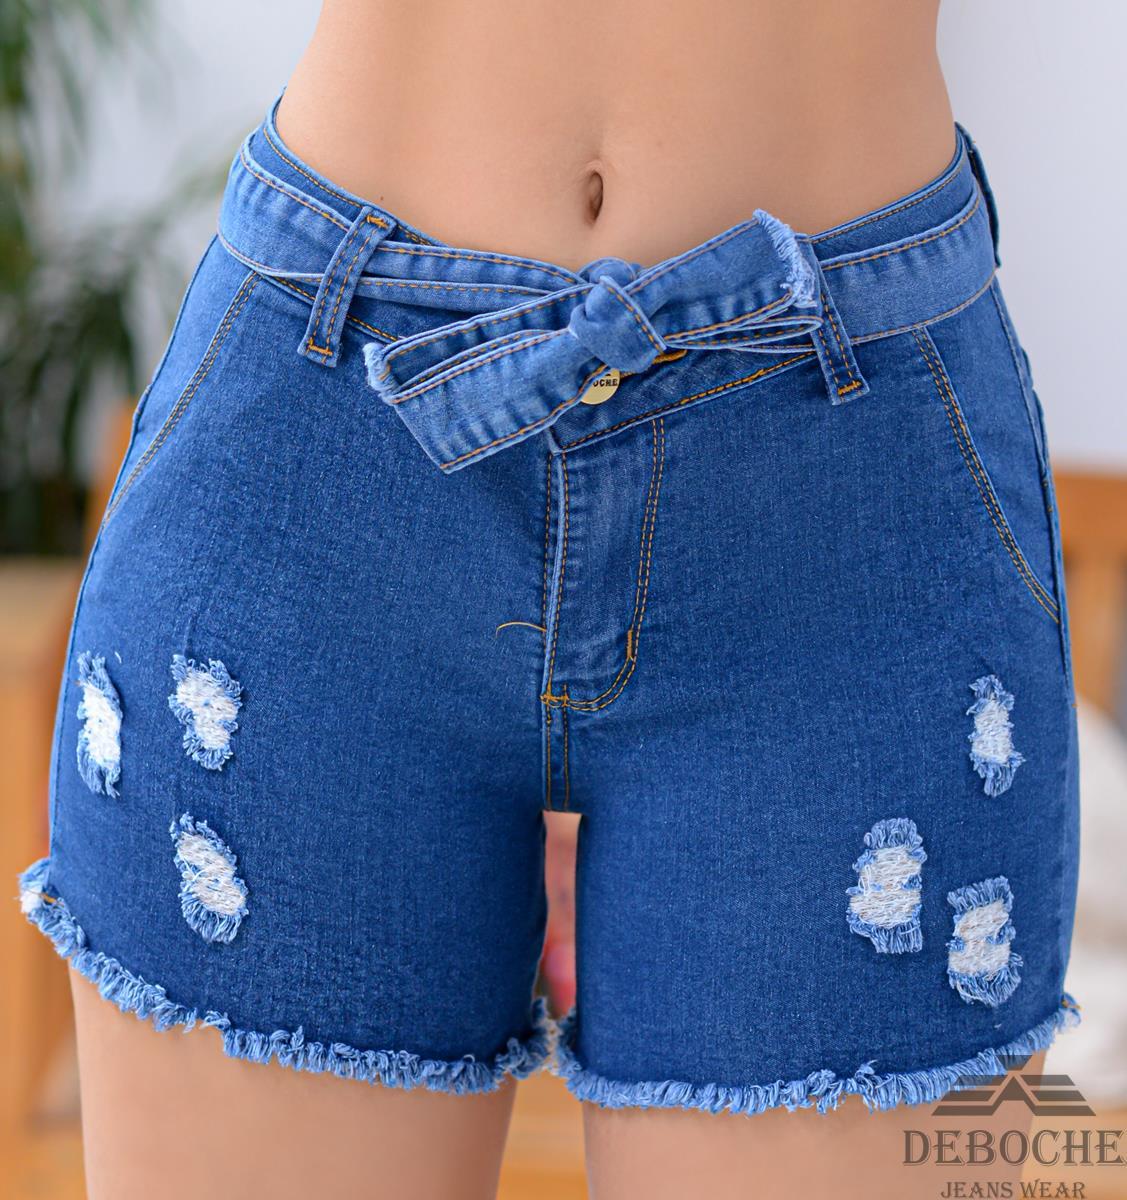 deboche-jeans-short-jeans (187)